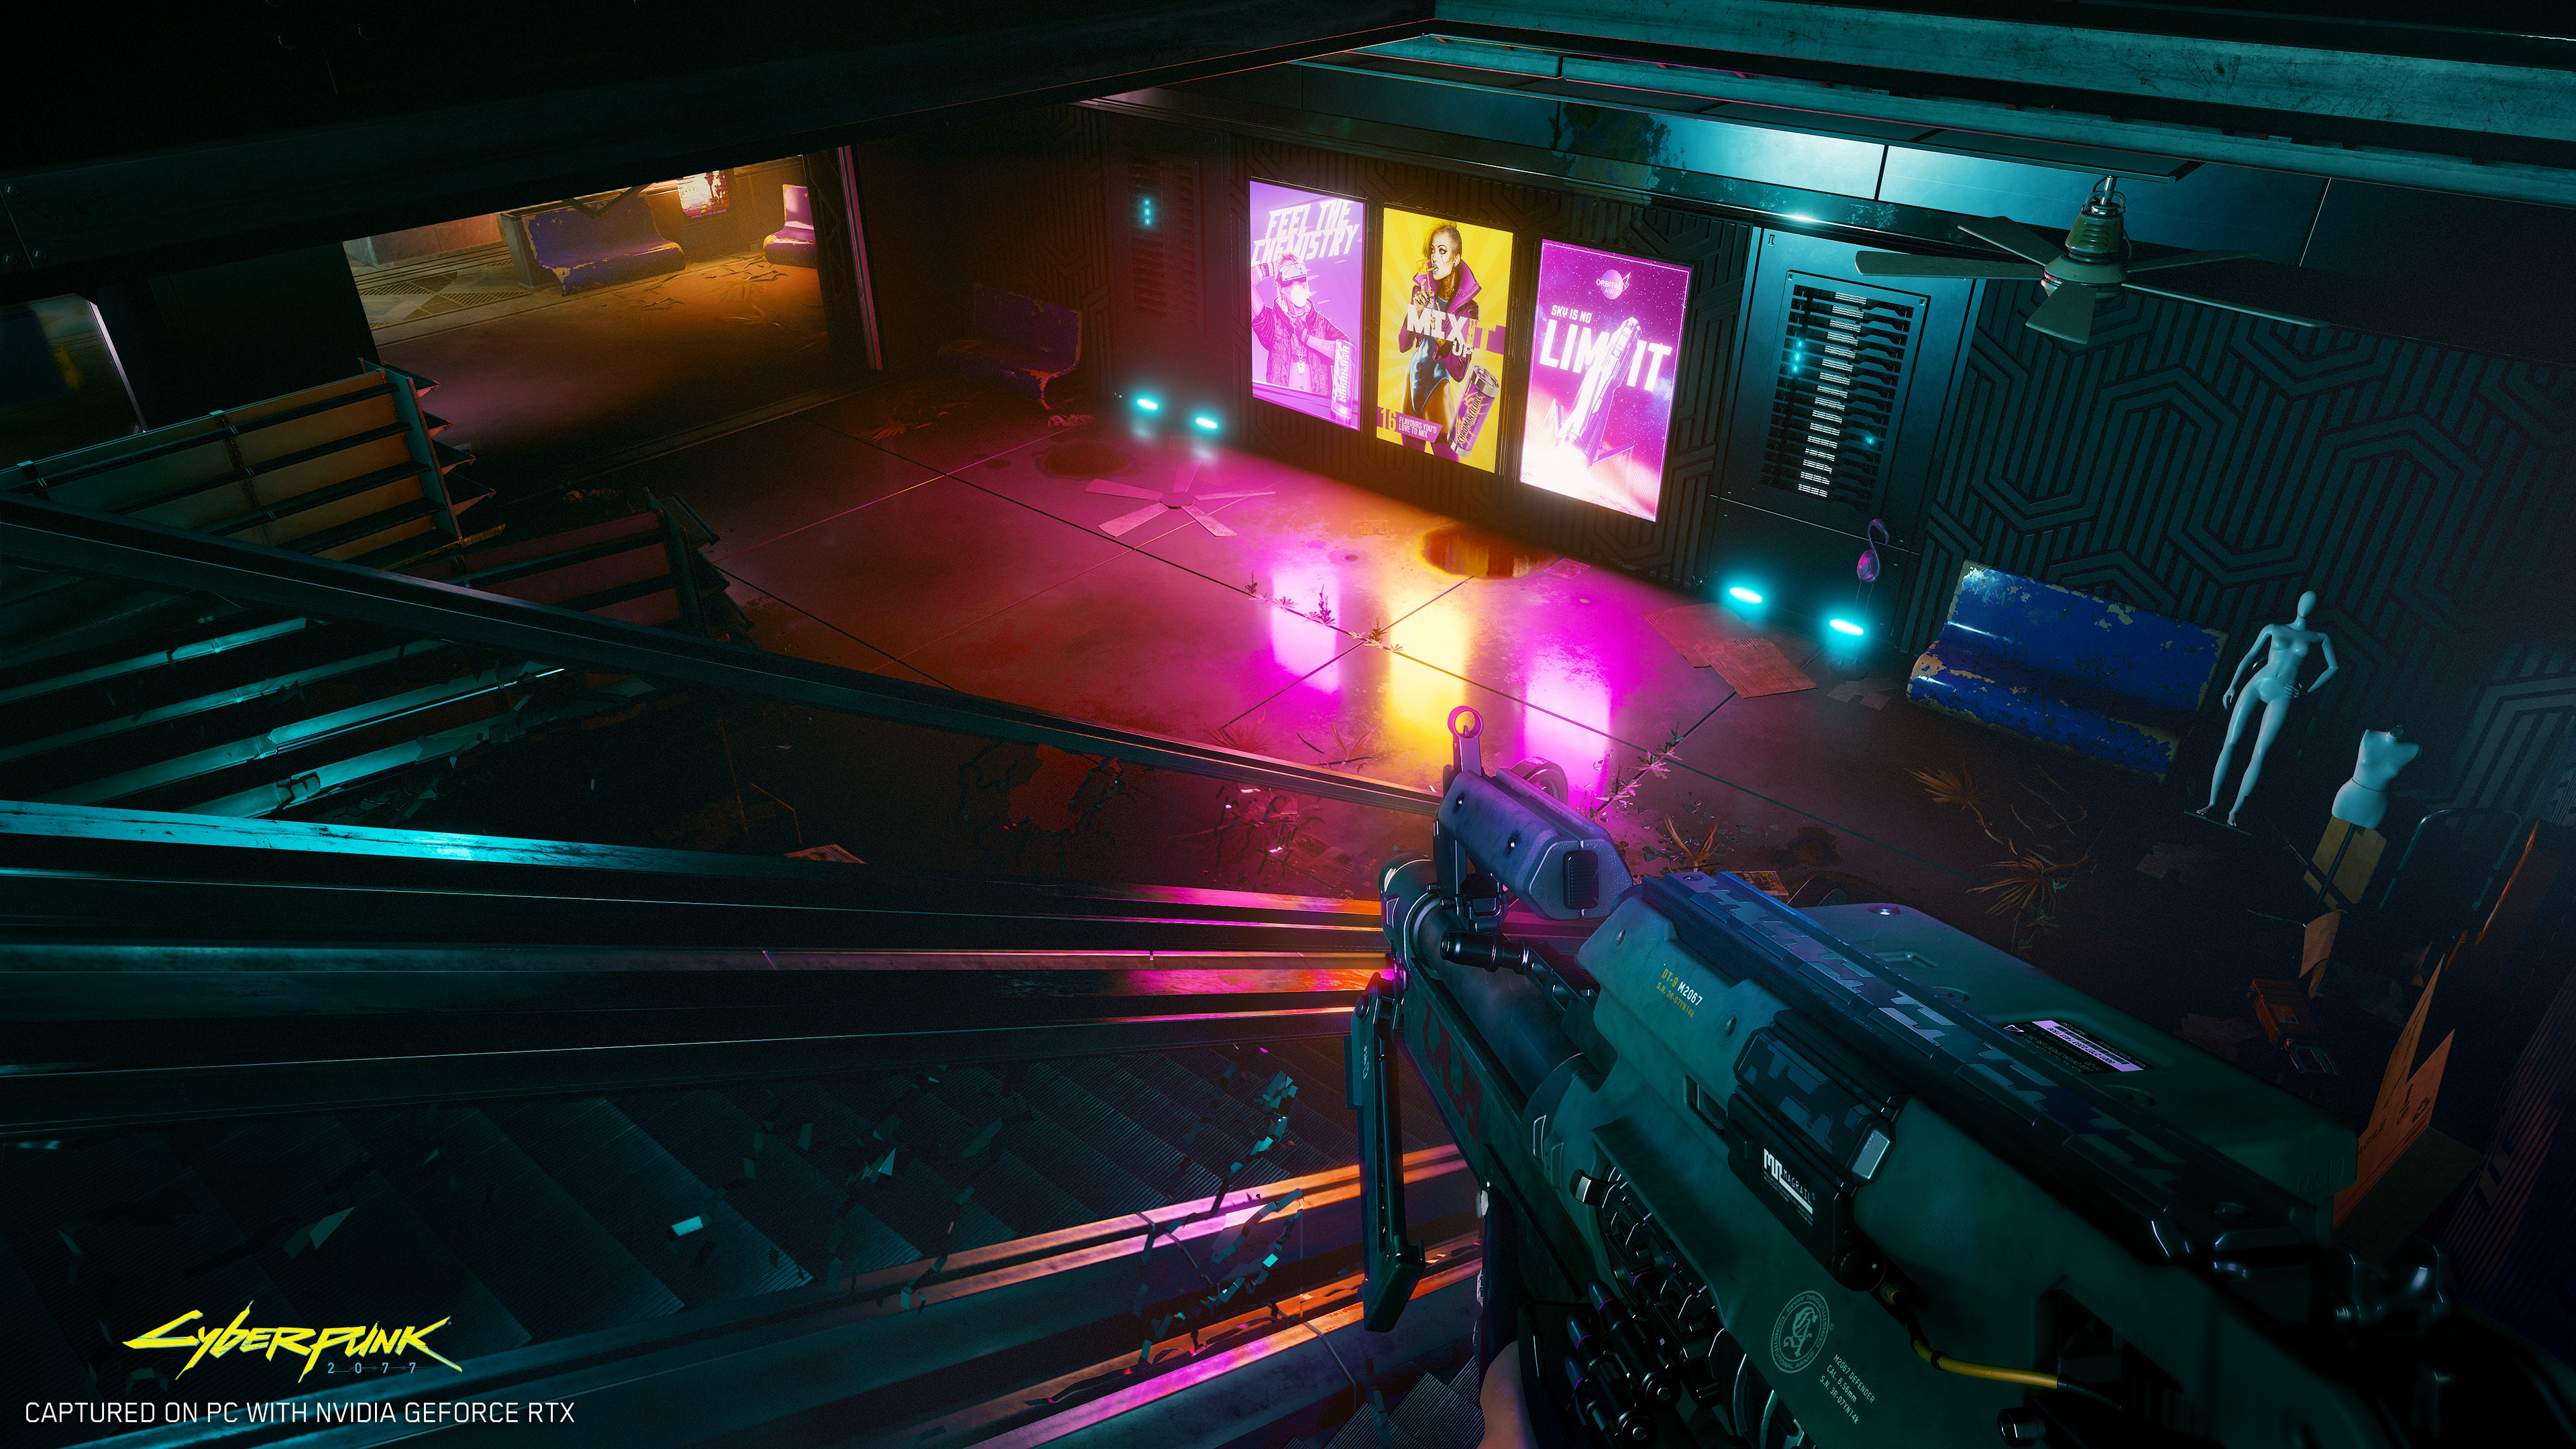 Refused será Samurai: escucha aquí la canción principal de Cyberpunk 2077